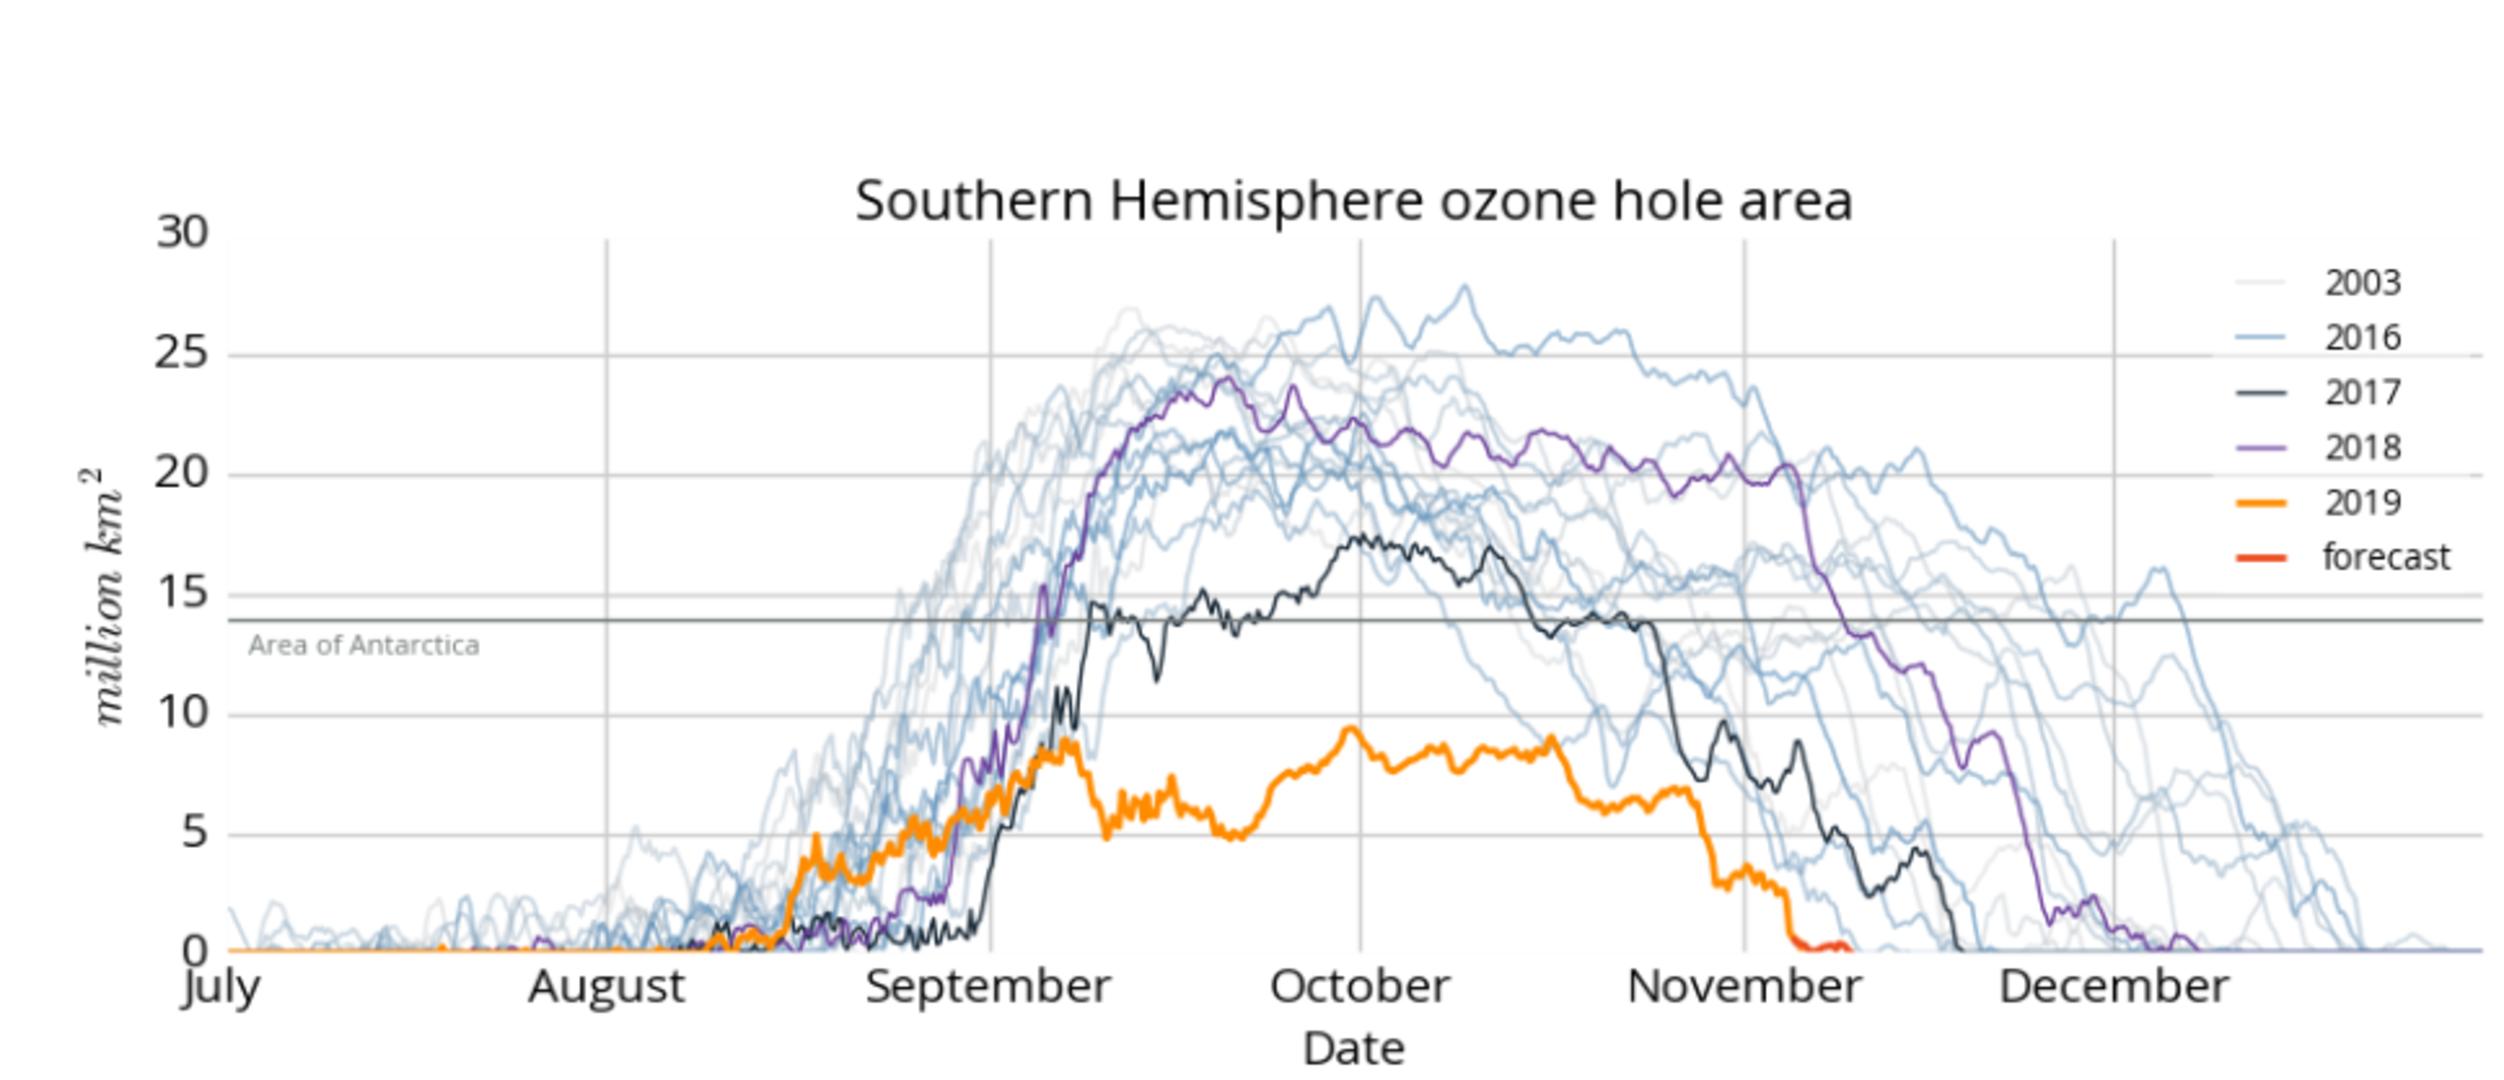 Duración y extensión del agujero de ozono según CAMS